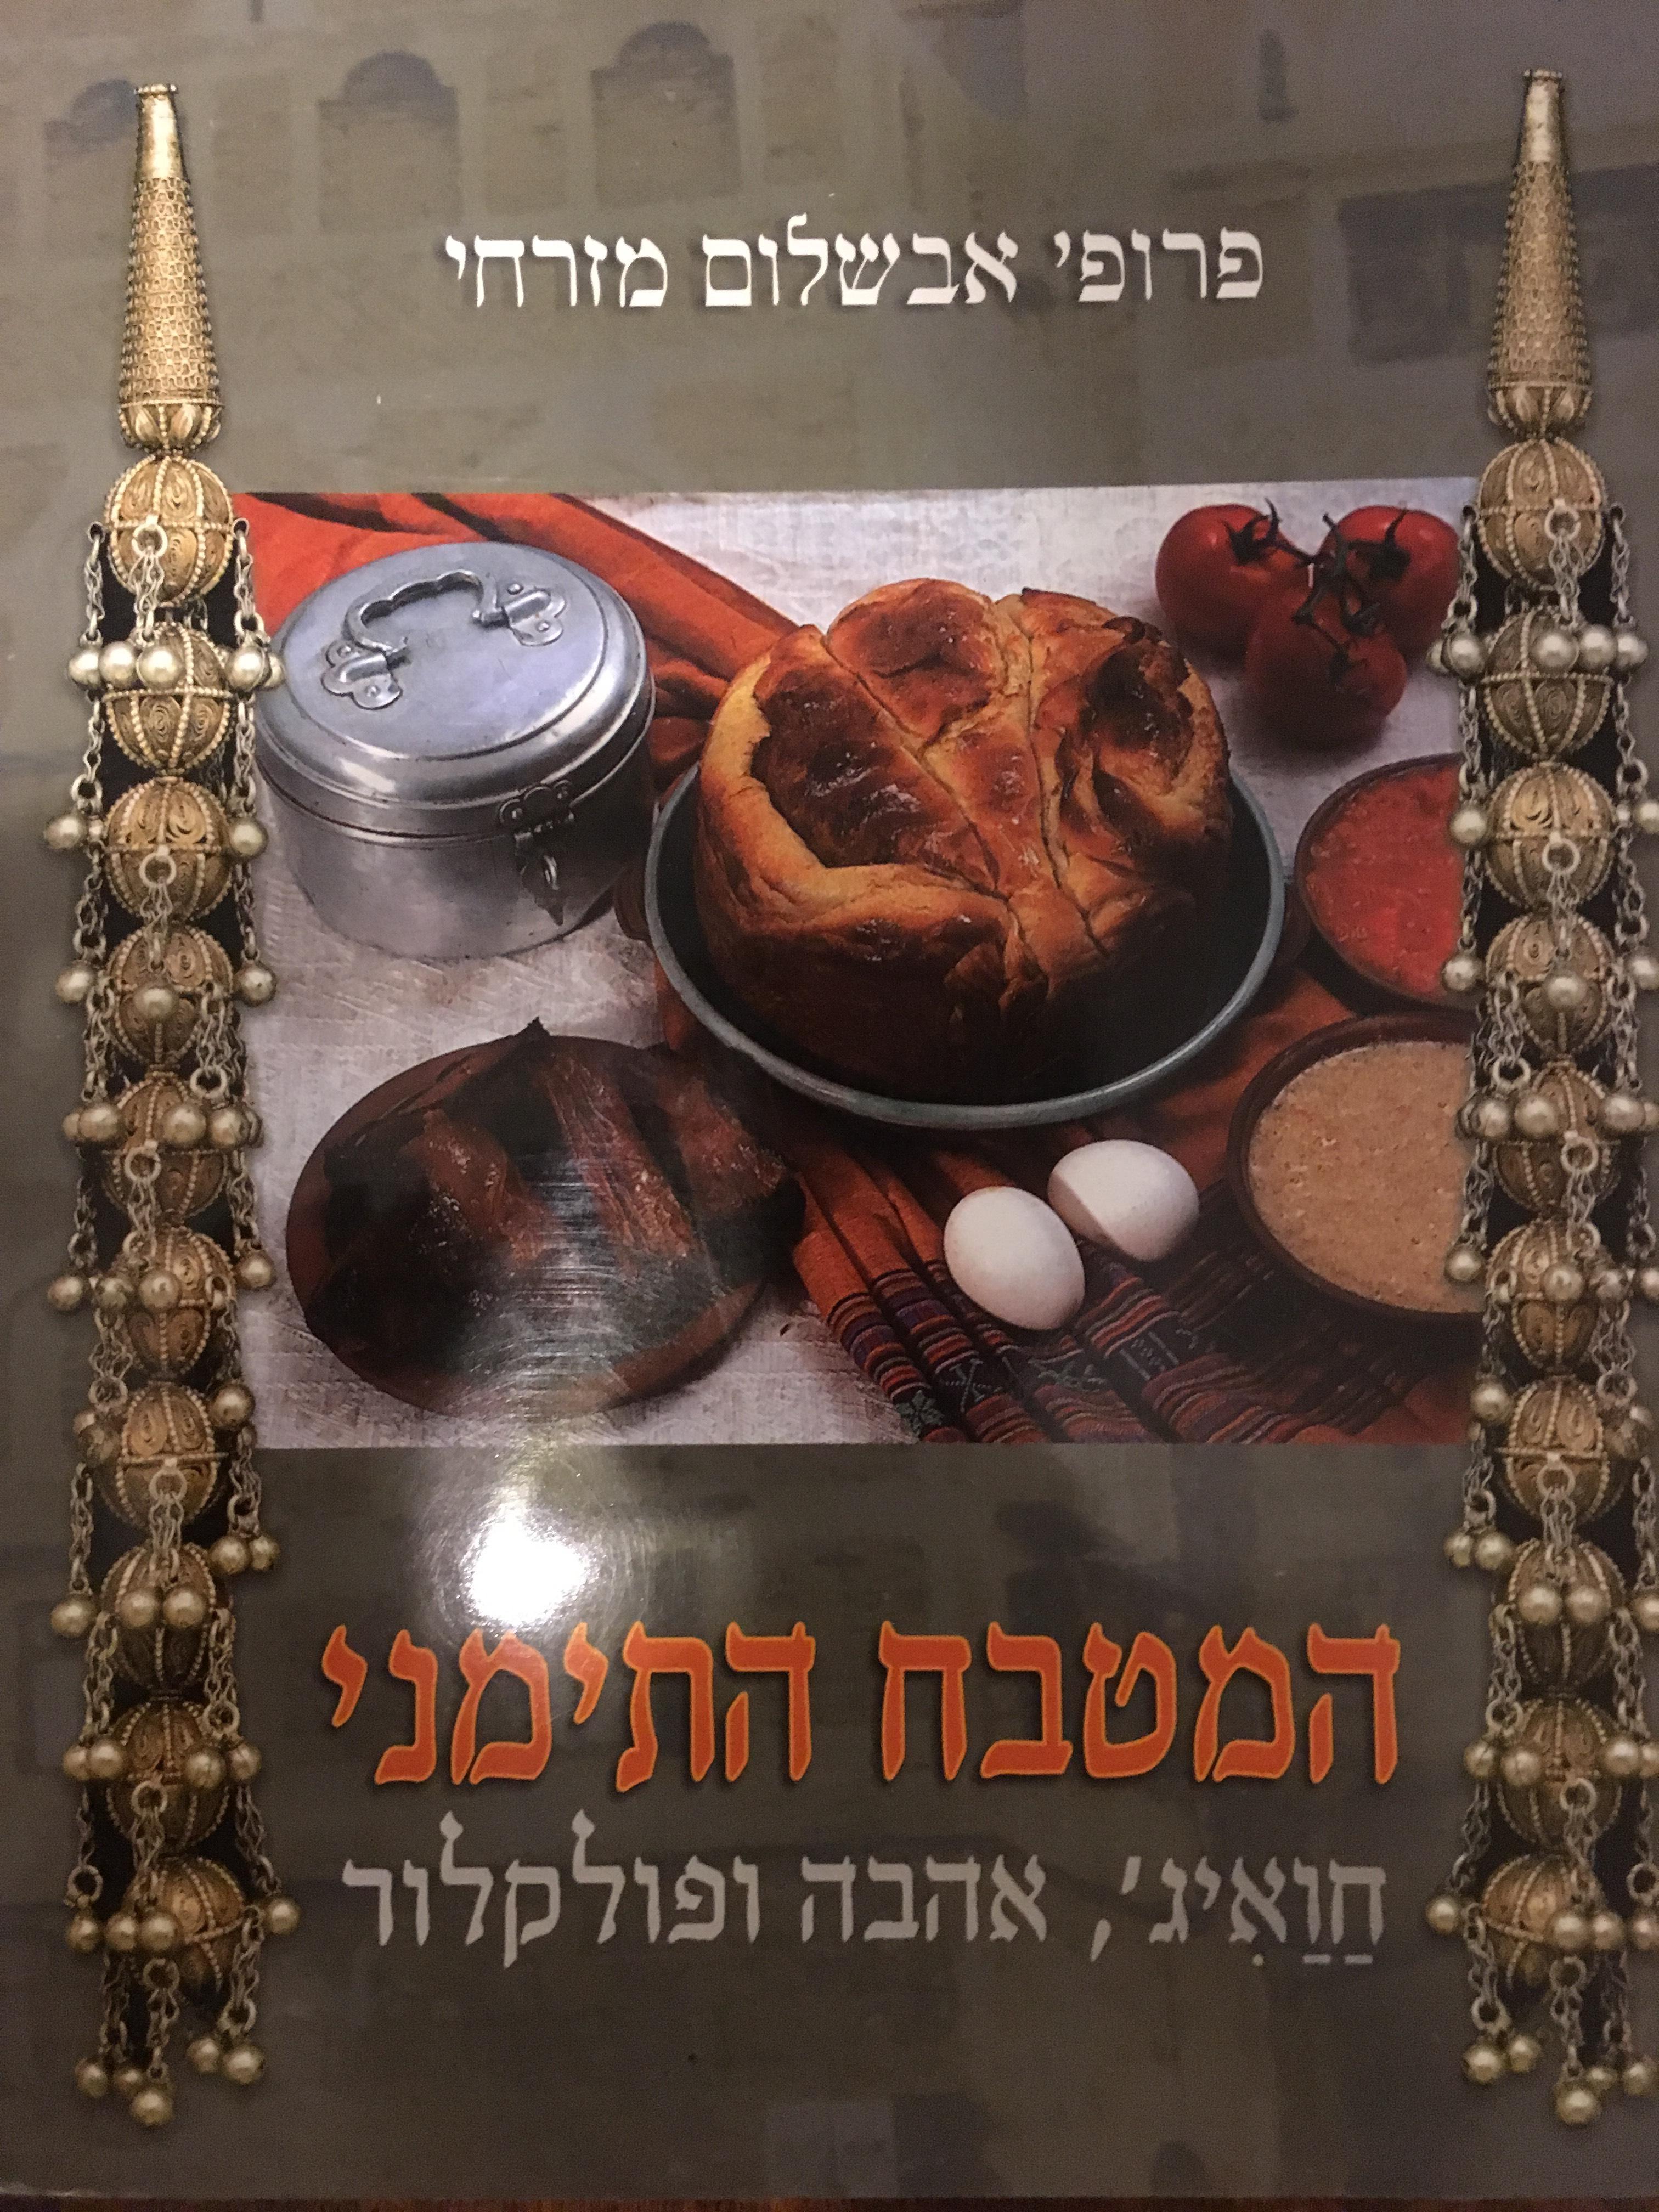 The cover of The Yemenite Kitchen: Hawaij, Love, and Folklore, by Professor Avshalom Mizrahi.